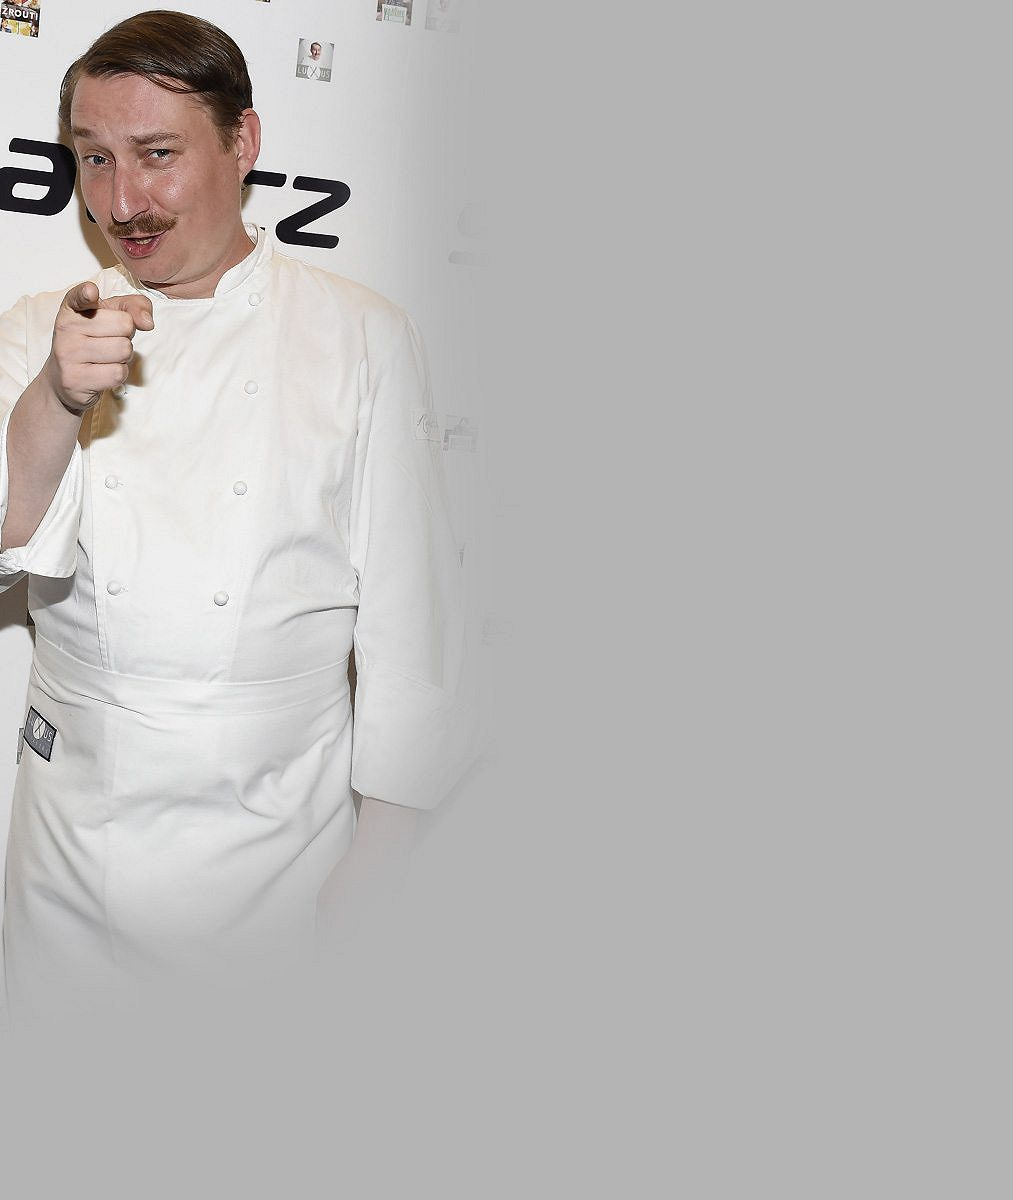 Hvězda internetového pořadu o vaření se děsí: Nakládačku od diváků čeká každým dnem